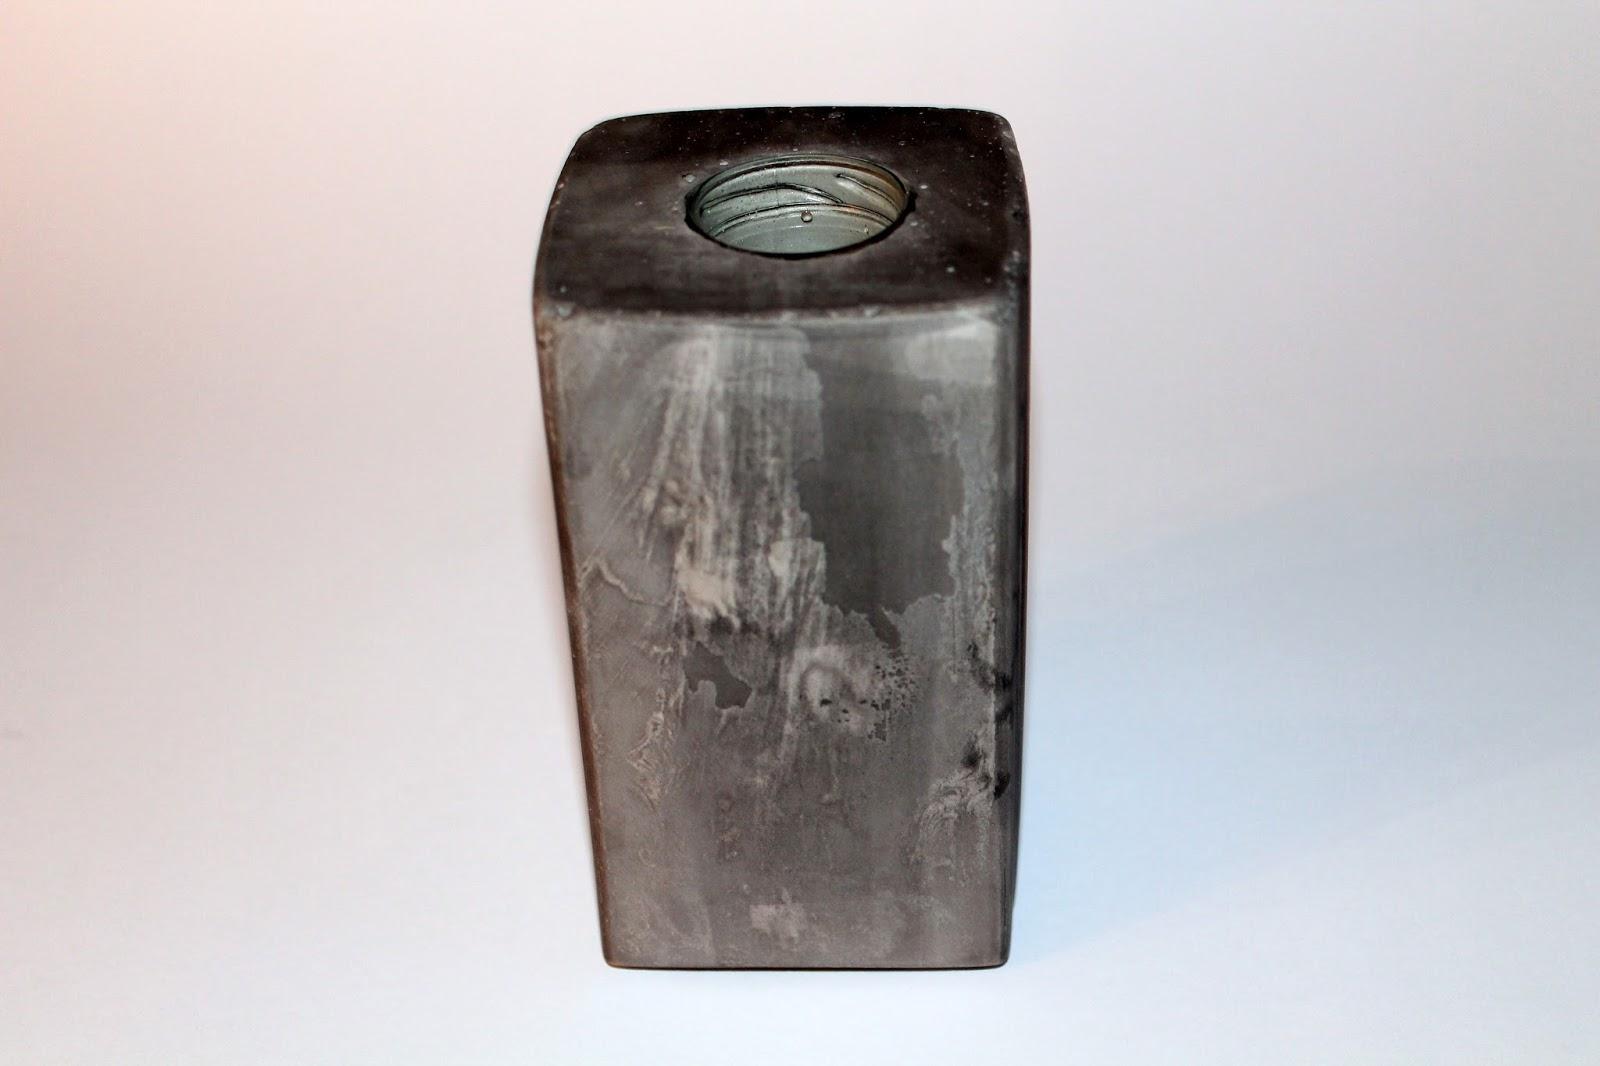 DIY, Basteln: Gips / Beton Vase  als Wohndekoration - DIYCarinchen